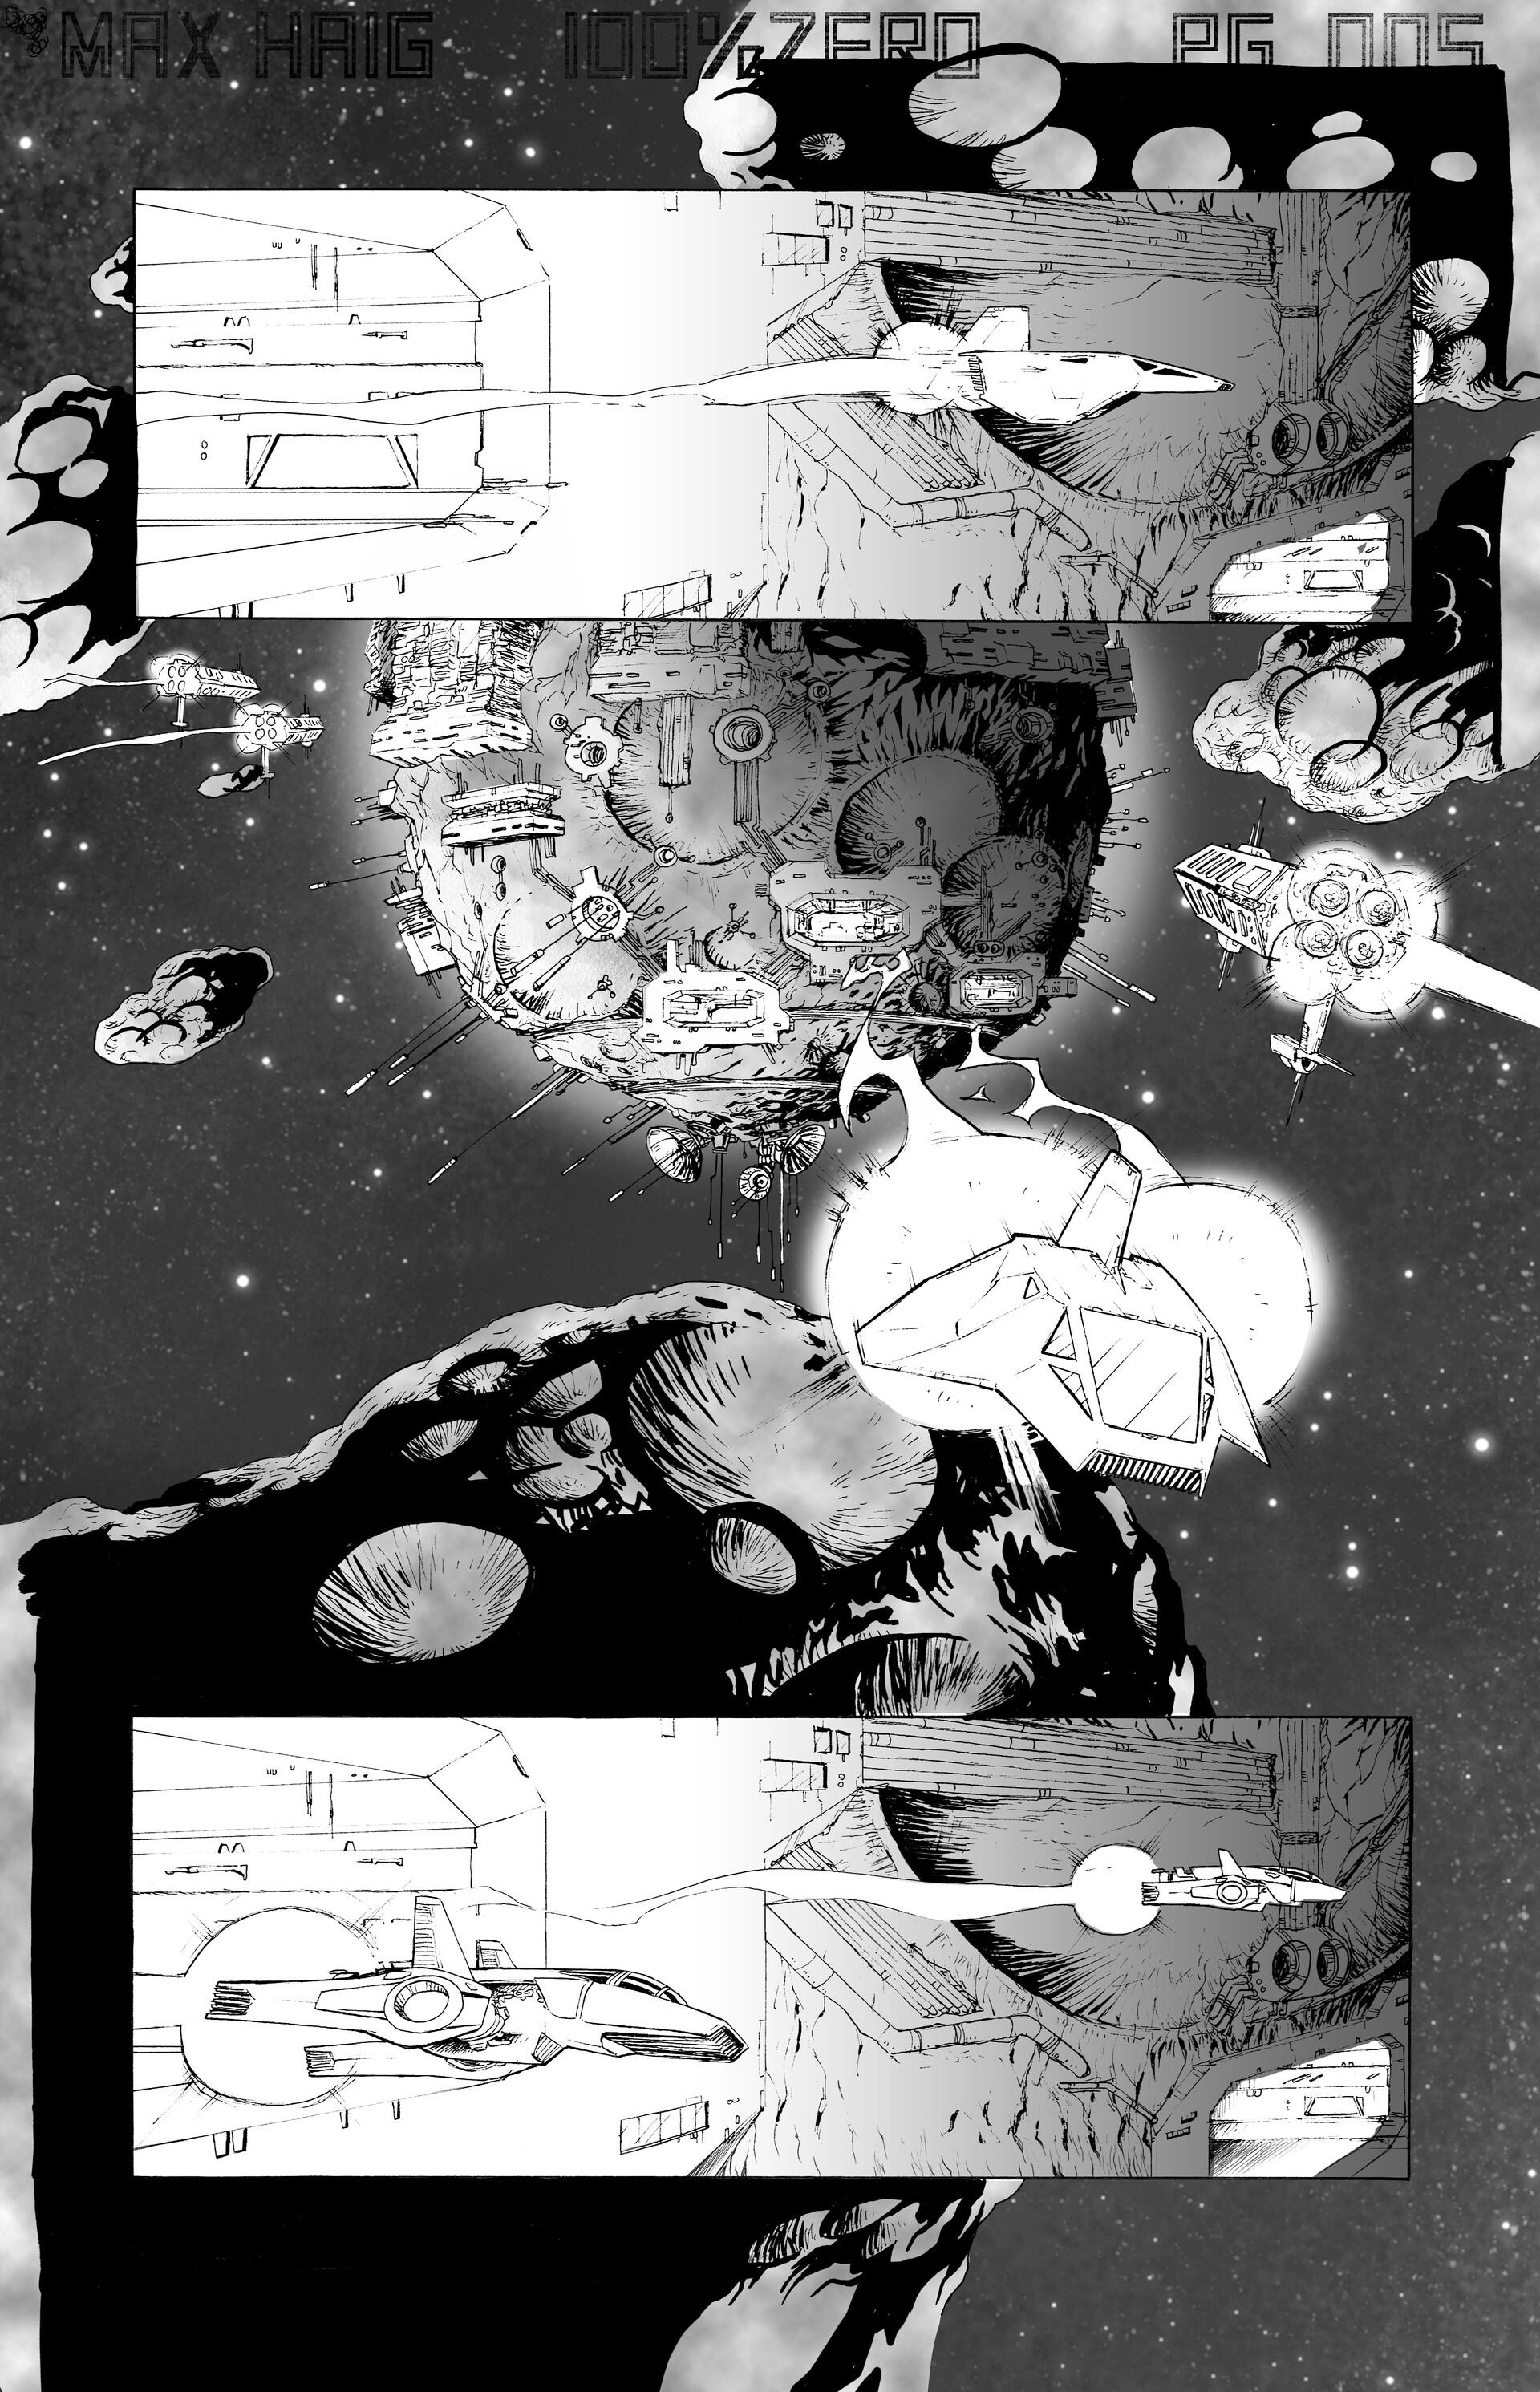 Max haig page 5 ink